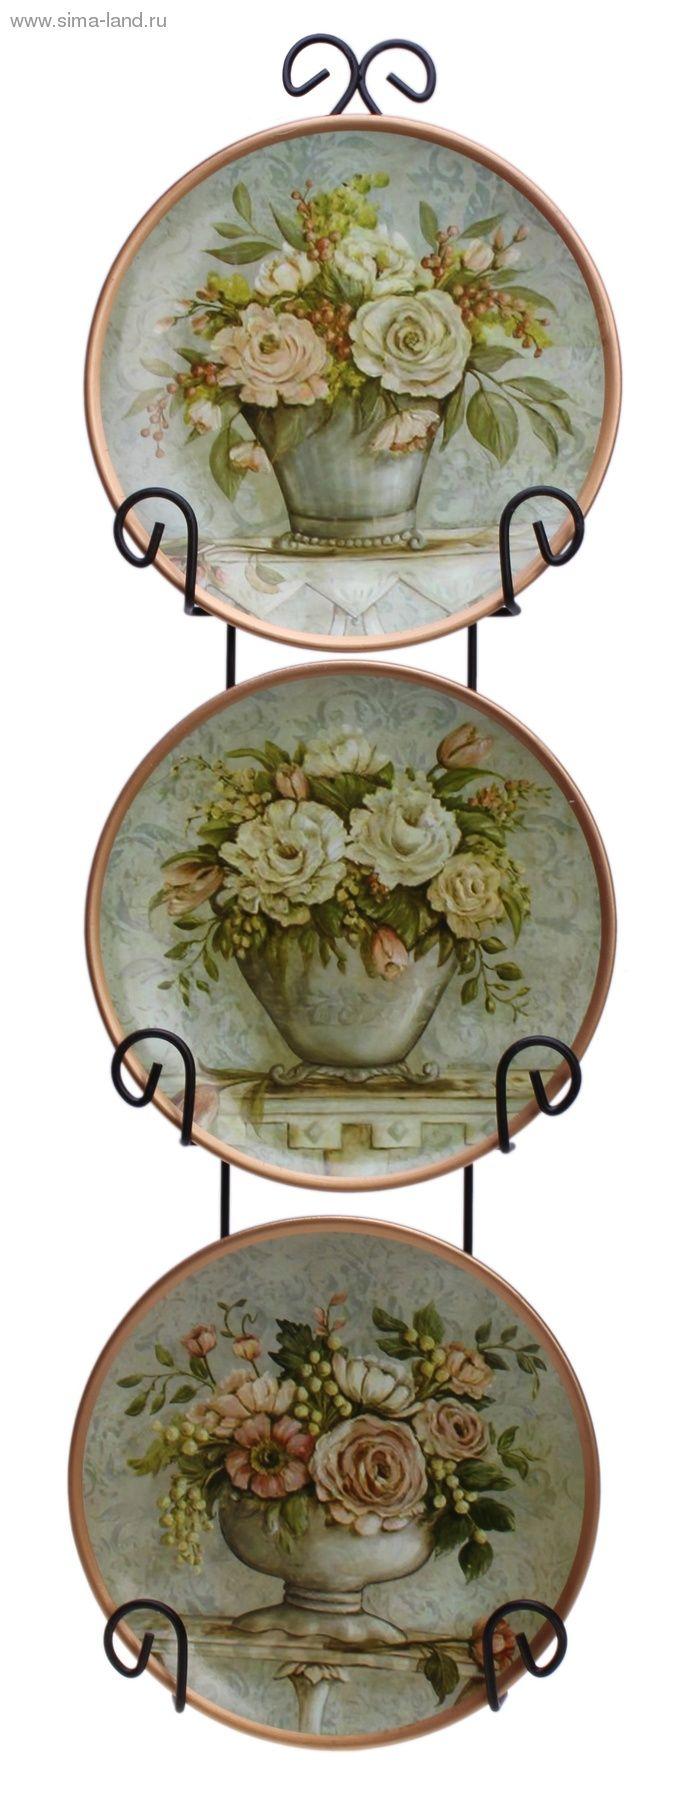 Декоративные тарелки панно из 3 шт белые розы 67*20 см